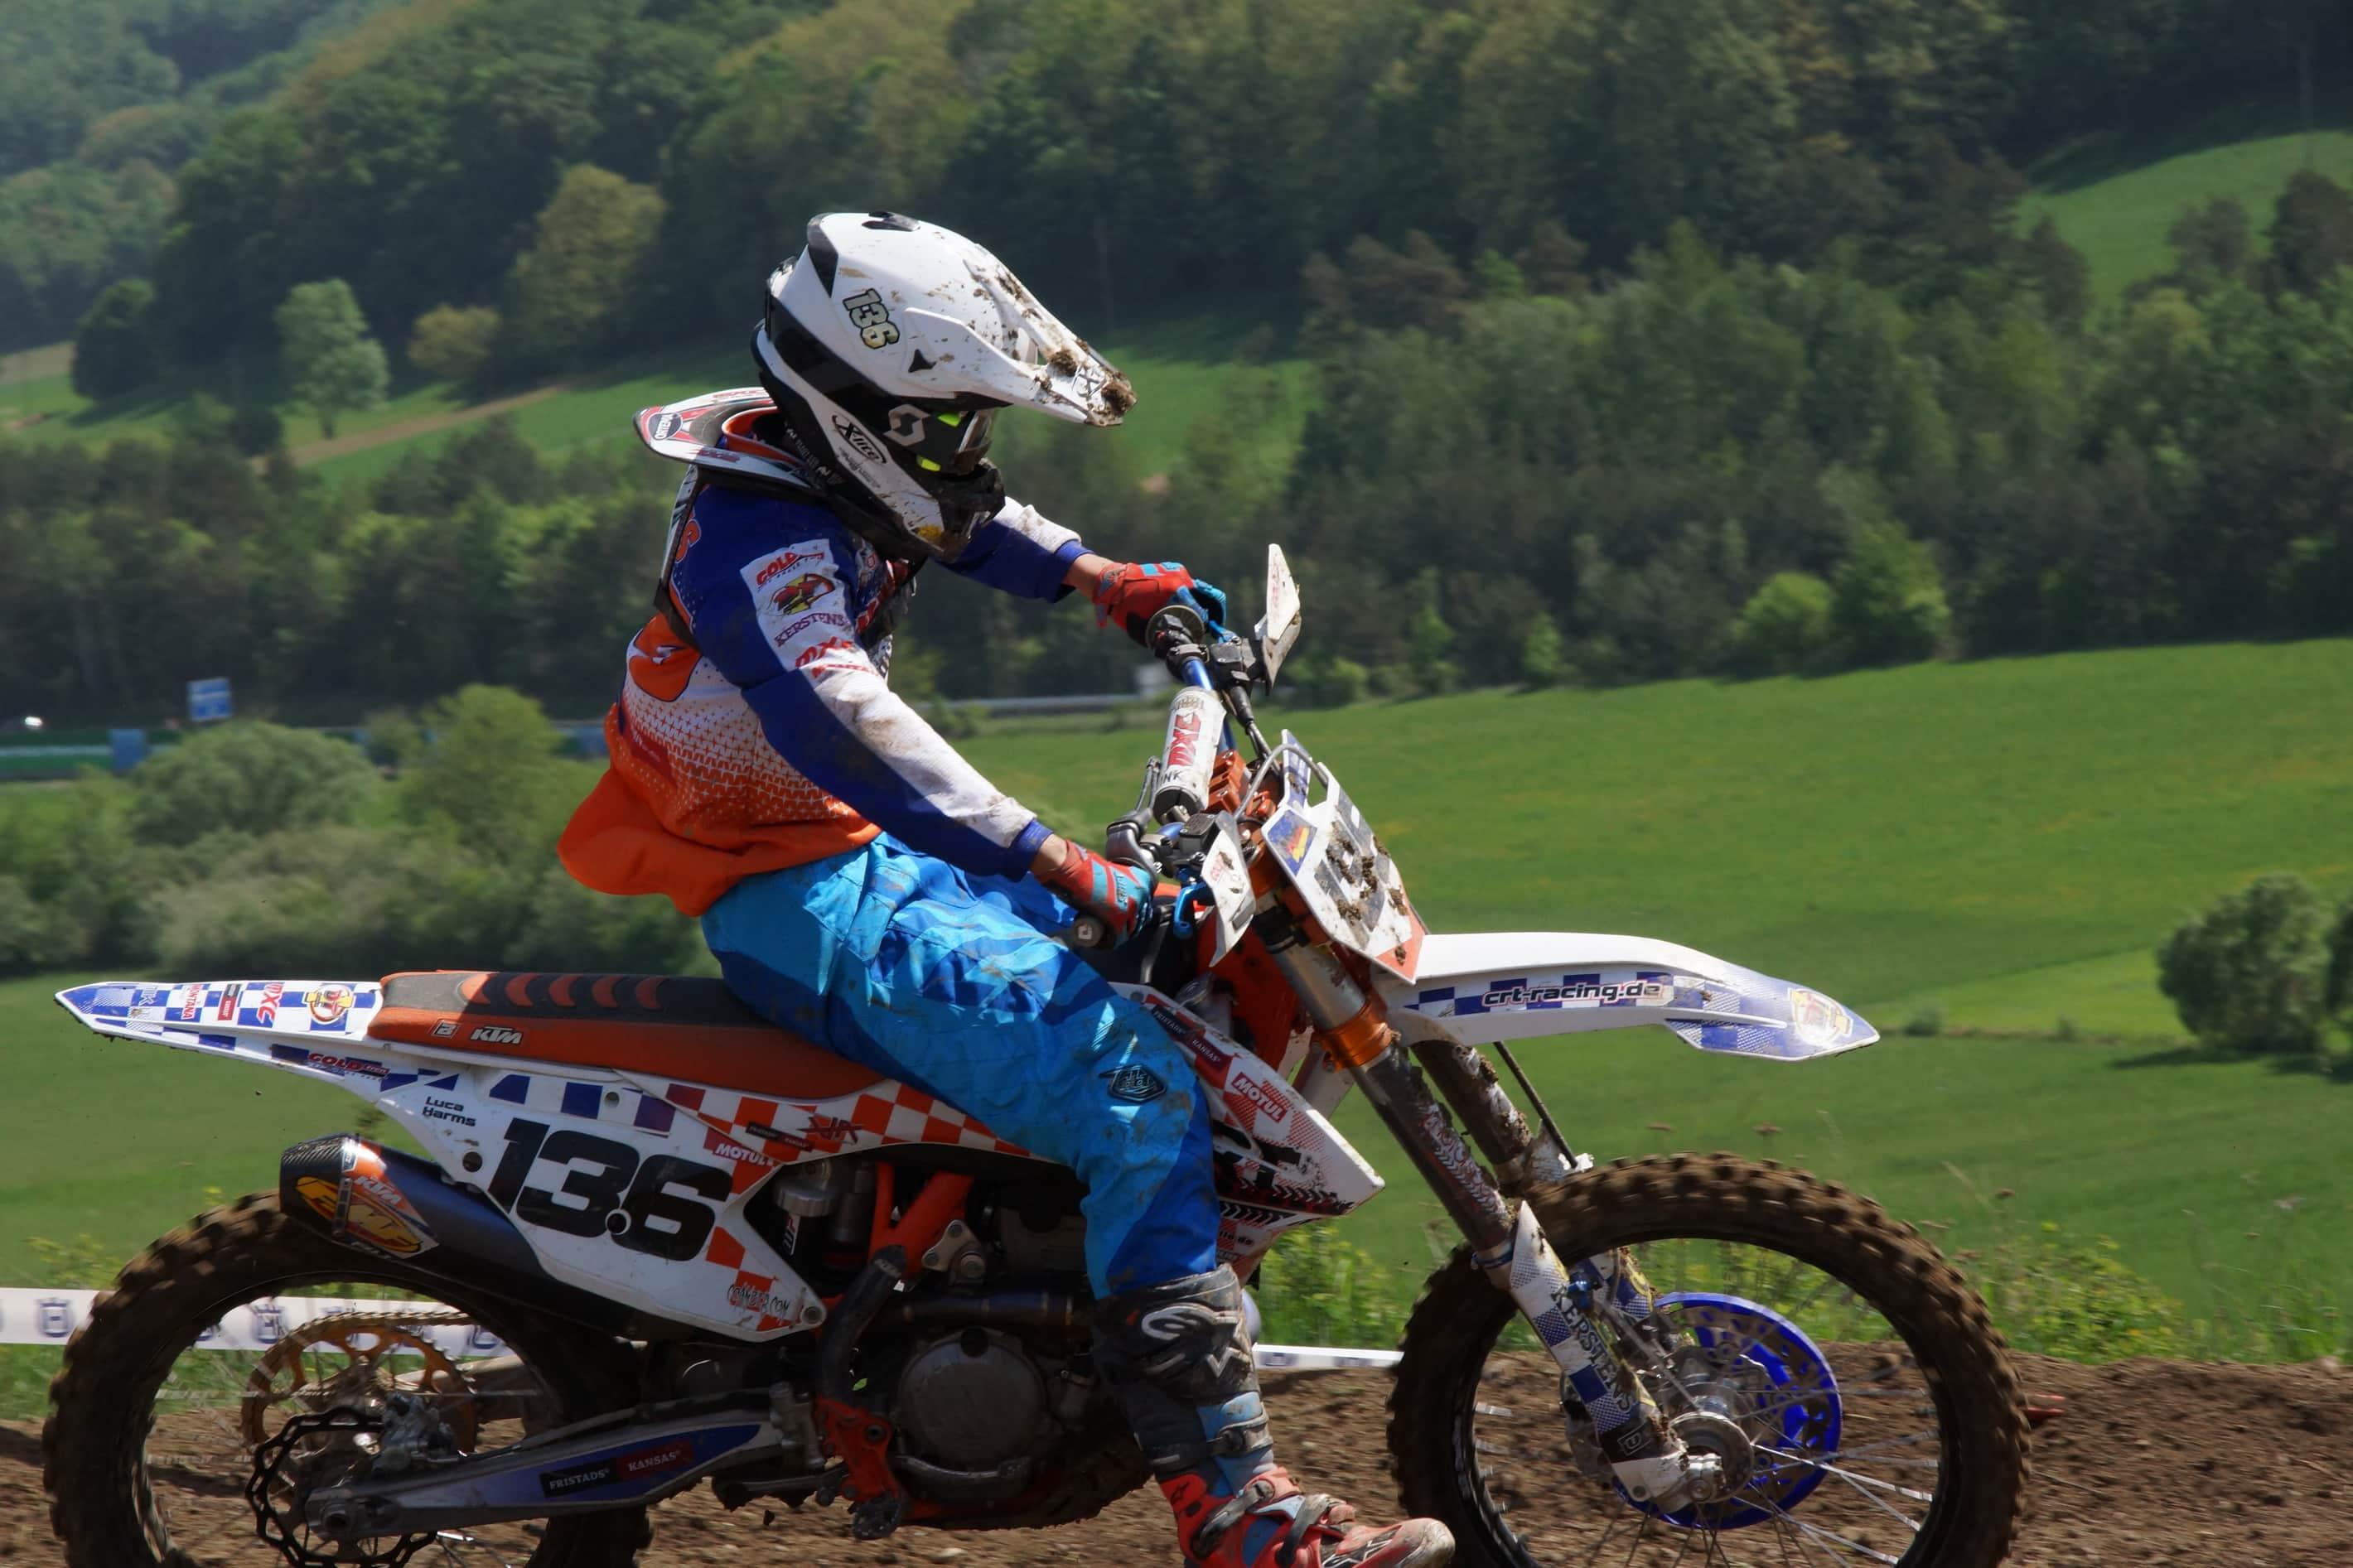 DSC1085_Moto Cross Sittendorf